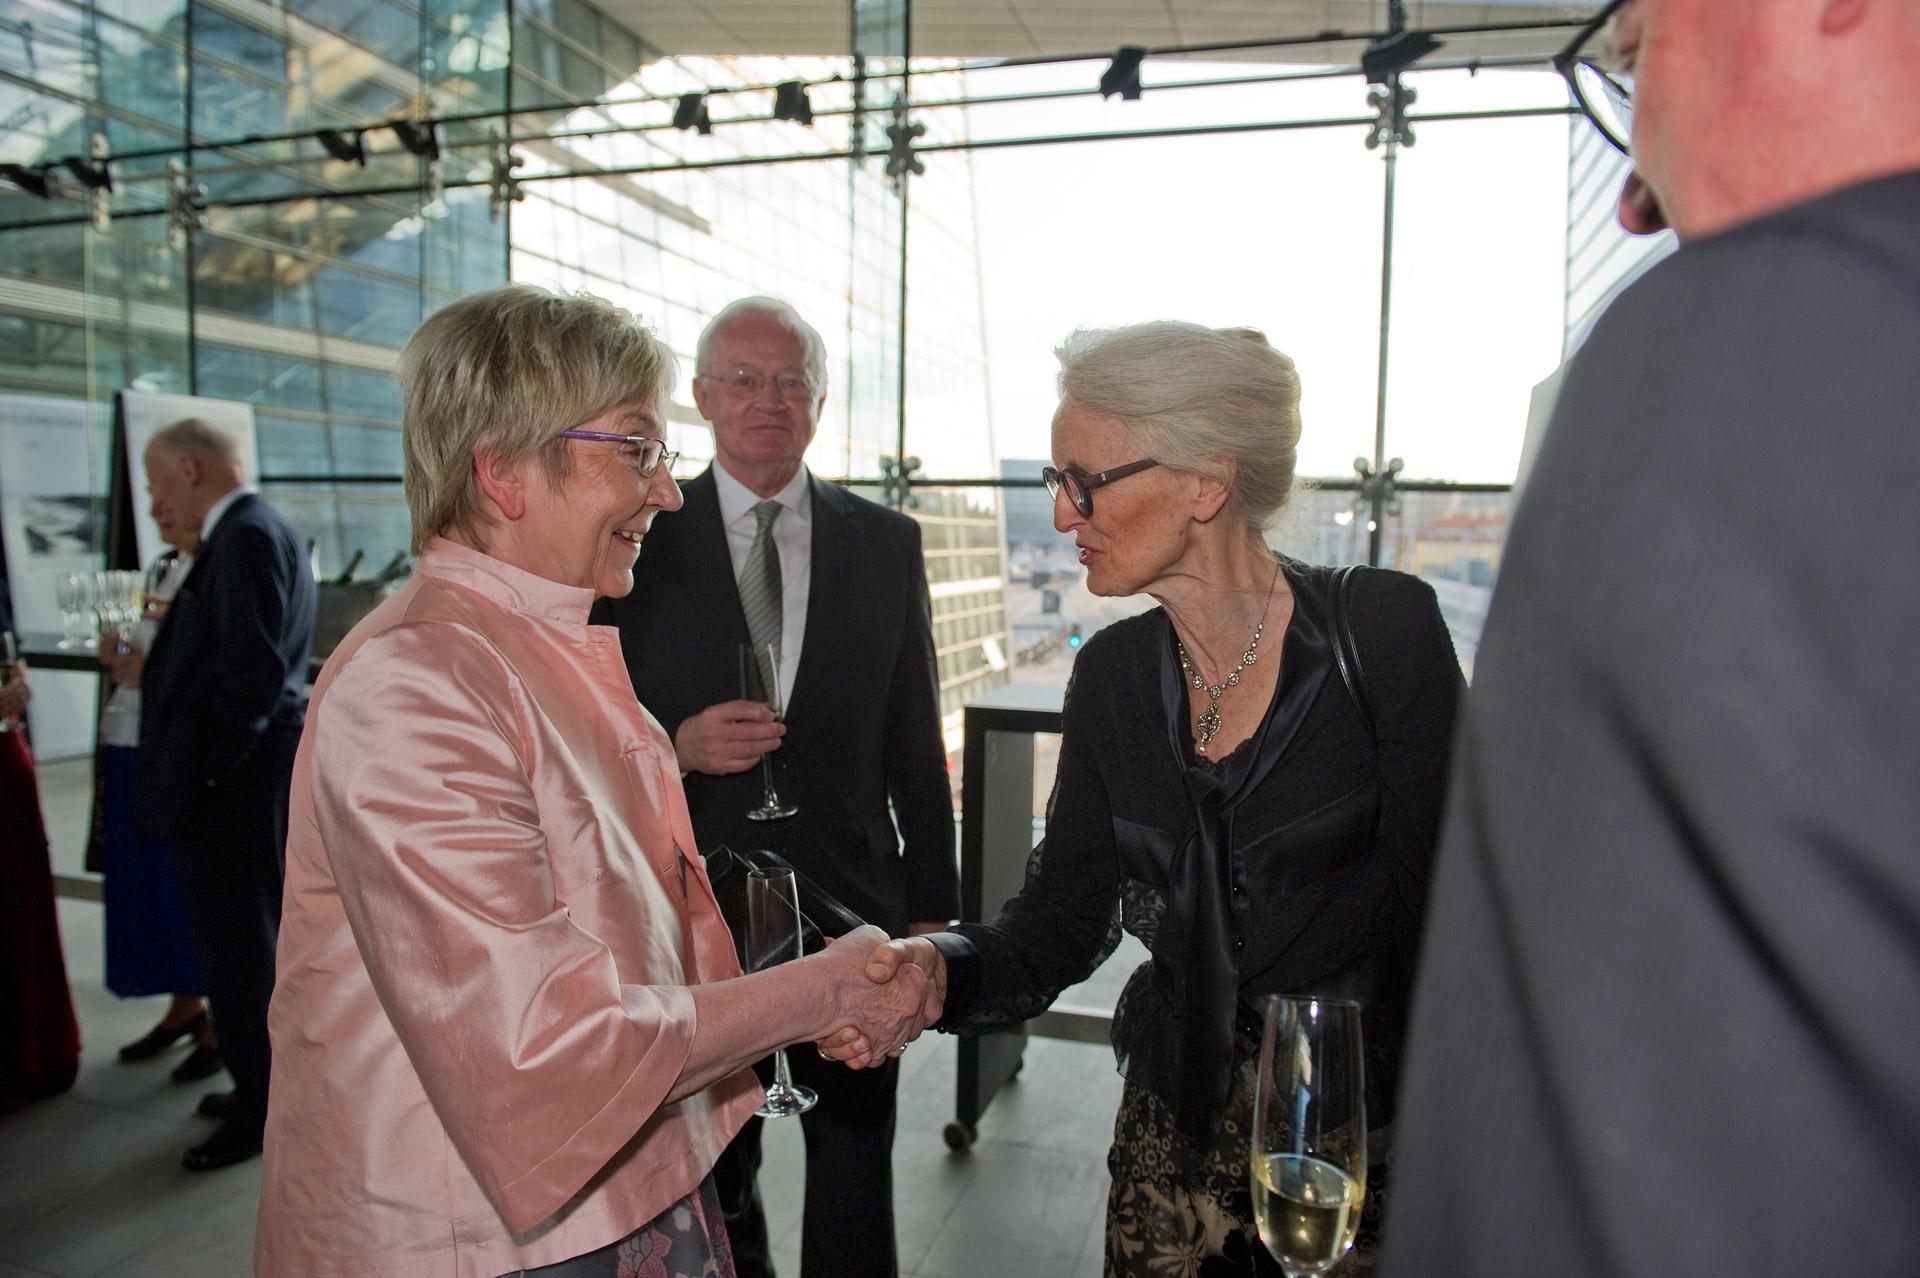 Marianne Jelved at a Kierkegaard Symposium in Copenhagen